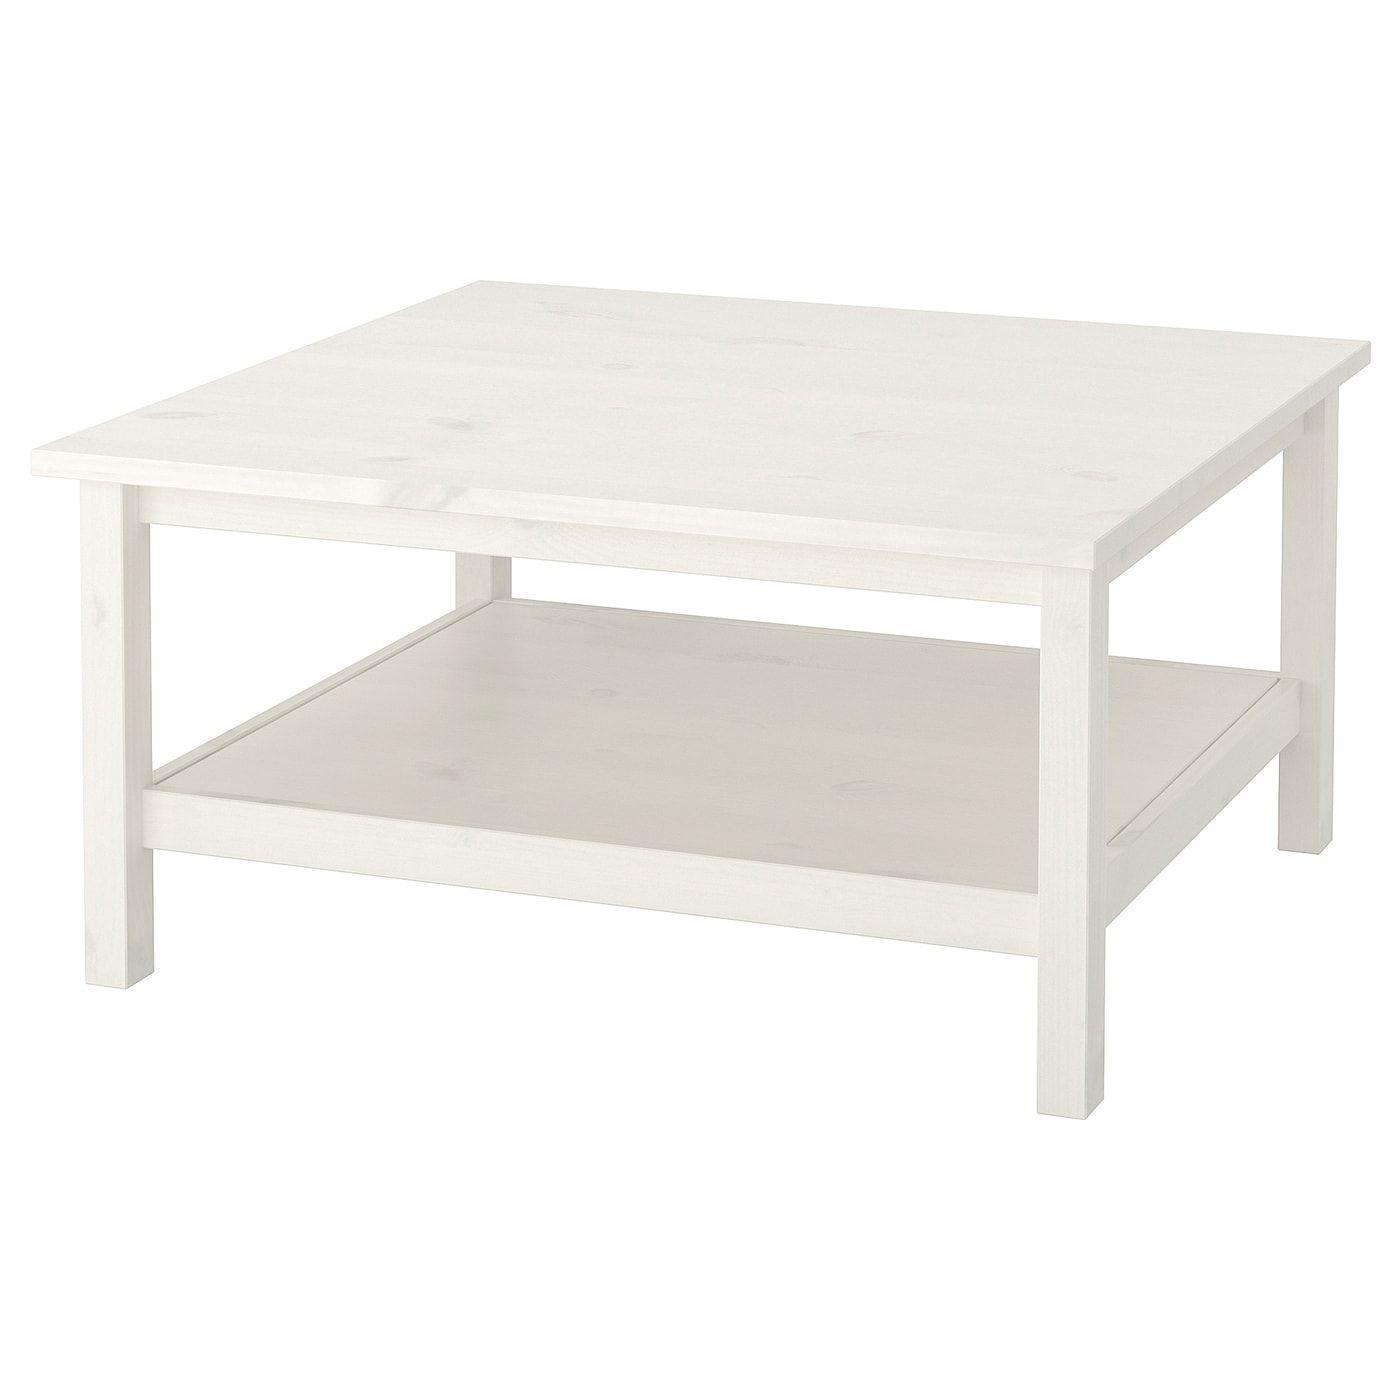 Hemnes Coffee Table White Stain White 35 3 8x35 3 8 Ikea In 2021 Ikea Hemnes Coffee Table Ikea White Side Table Coffee Table White [ 1400 x 1400 Pixel ]